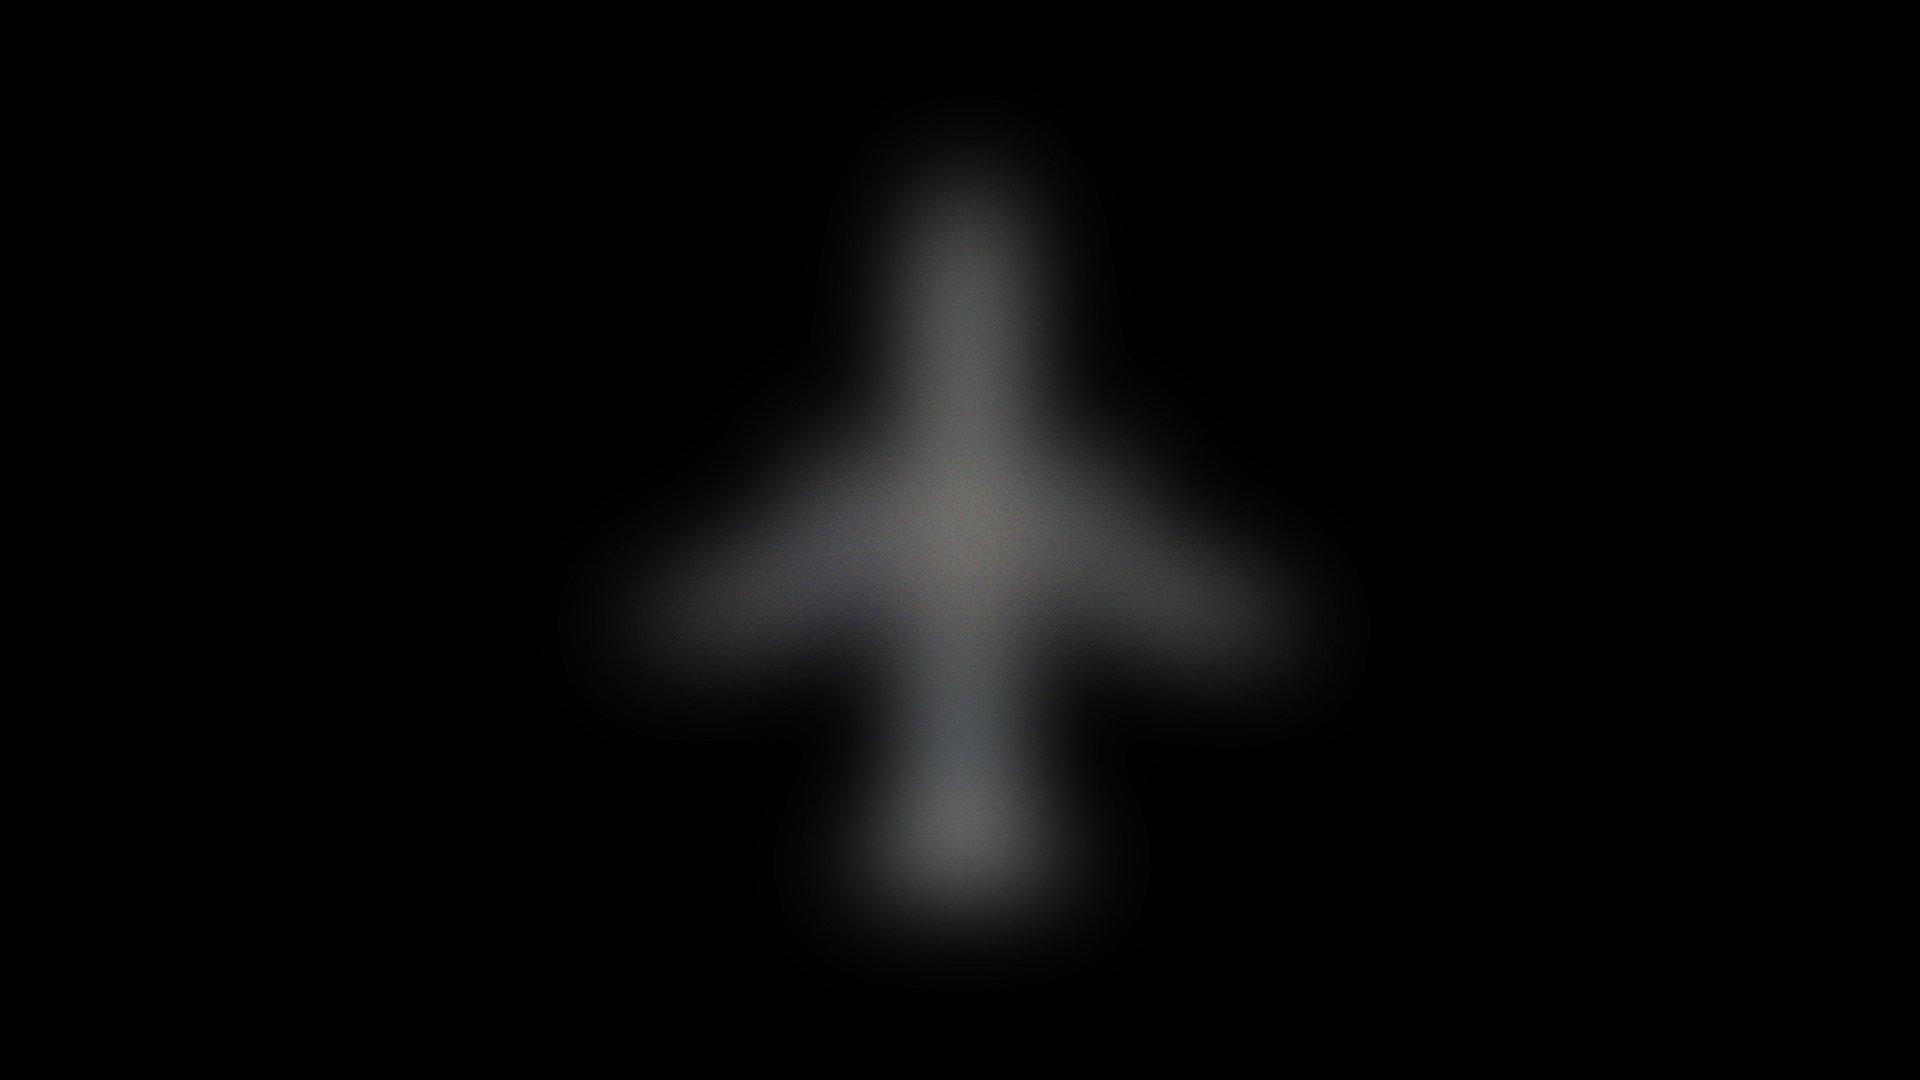 [Перевод] Что на самом деле случилось с исчезнувшим малазийским Боингом (часть 1/3)